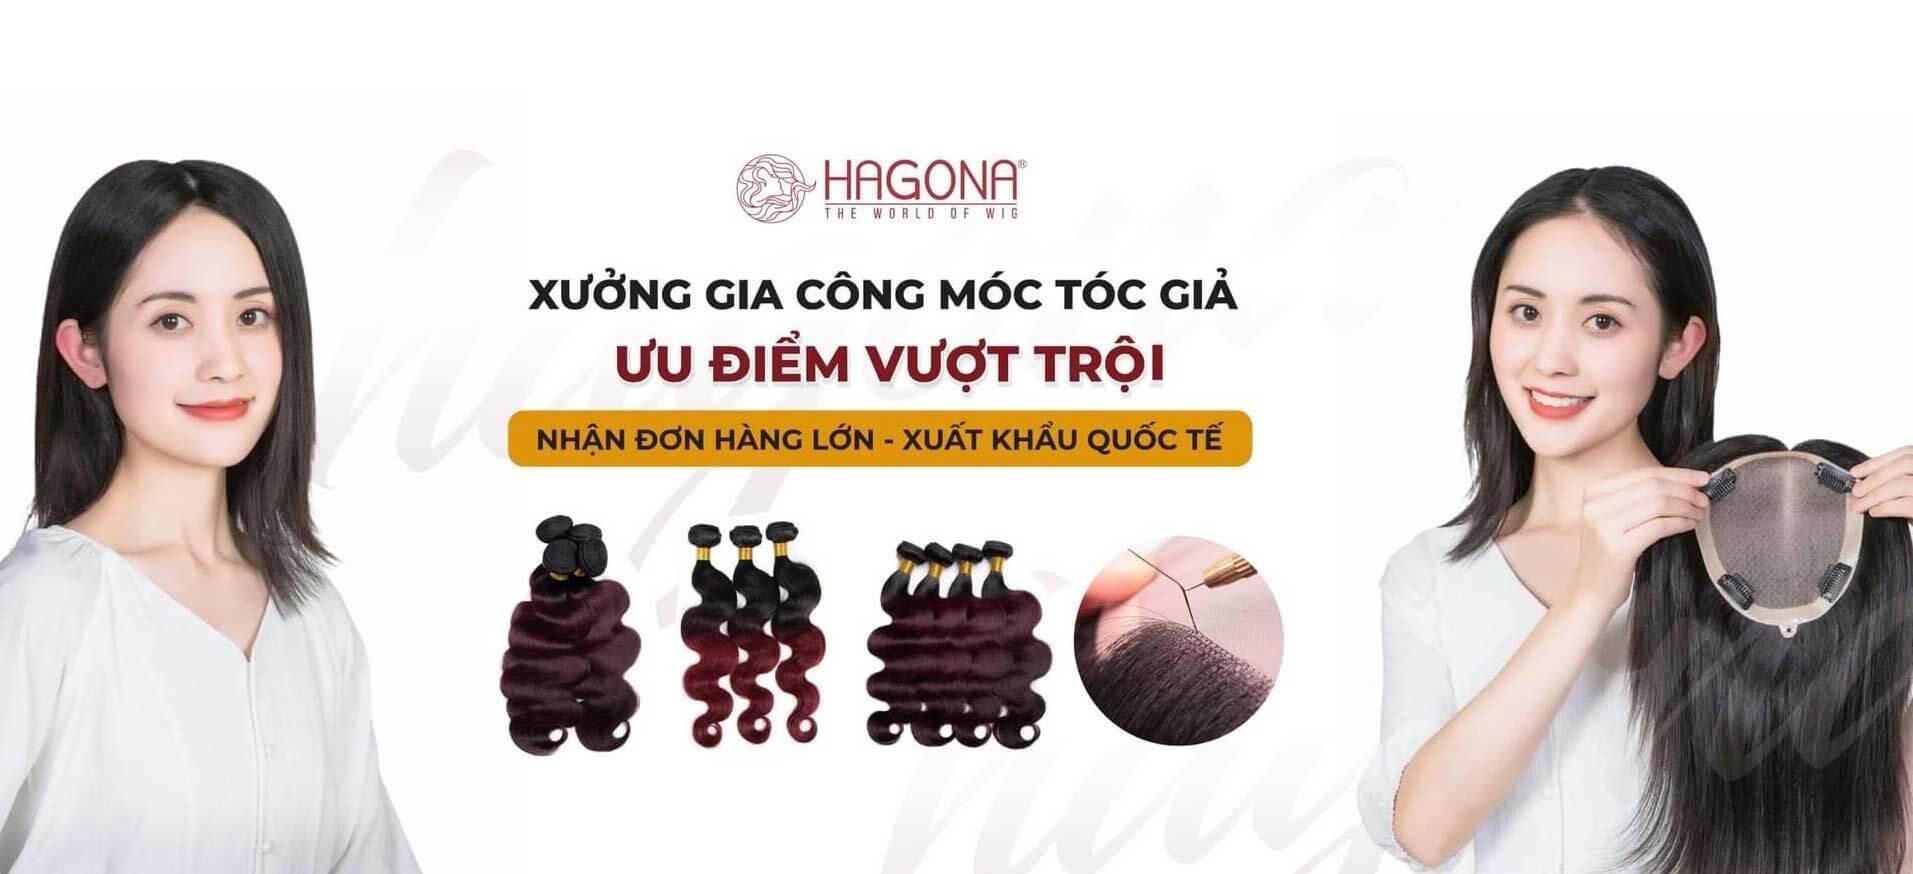 Nhà máy móc tóc giả Hagona xuất khẩu quốc tế uy tín chất lượng nhất tại TPHCM